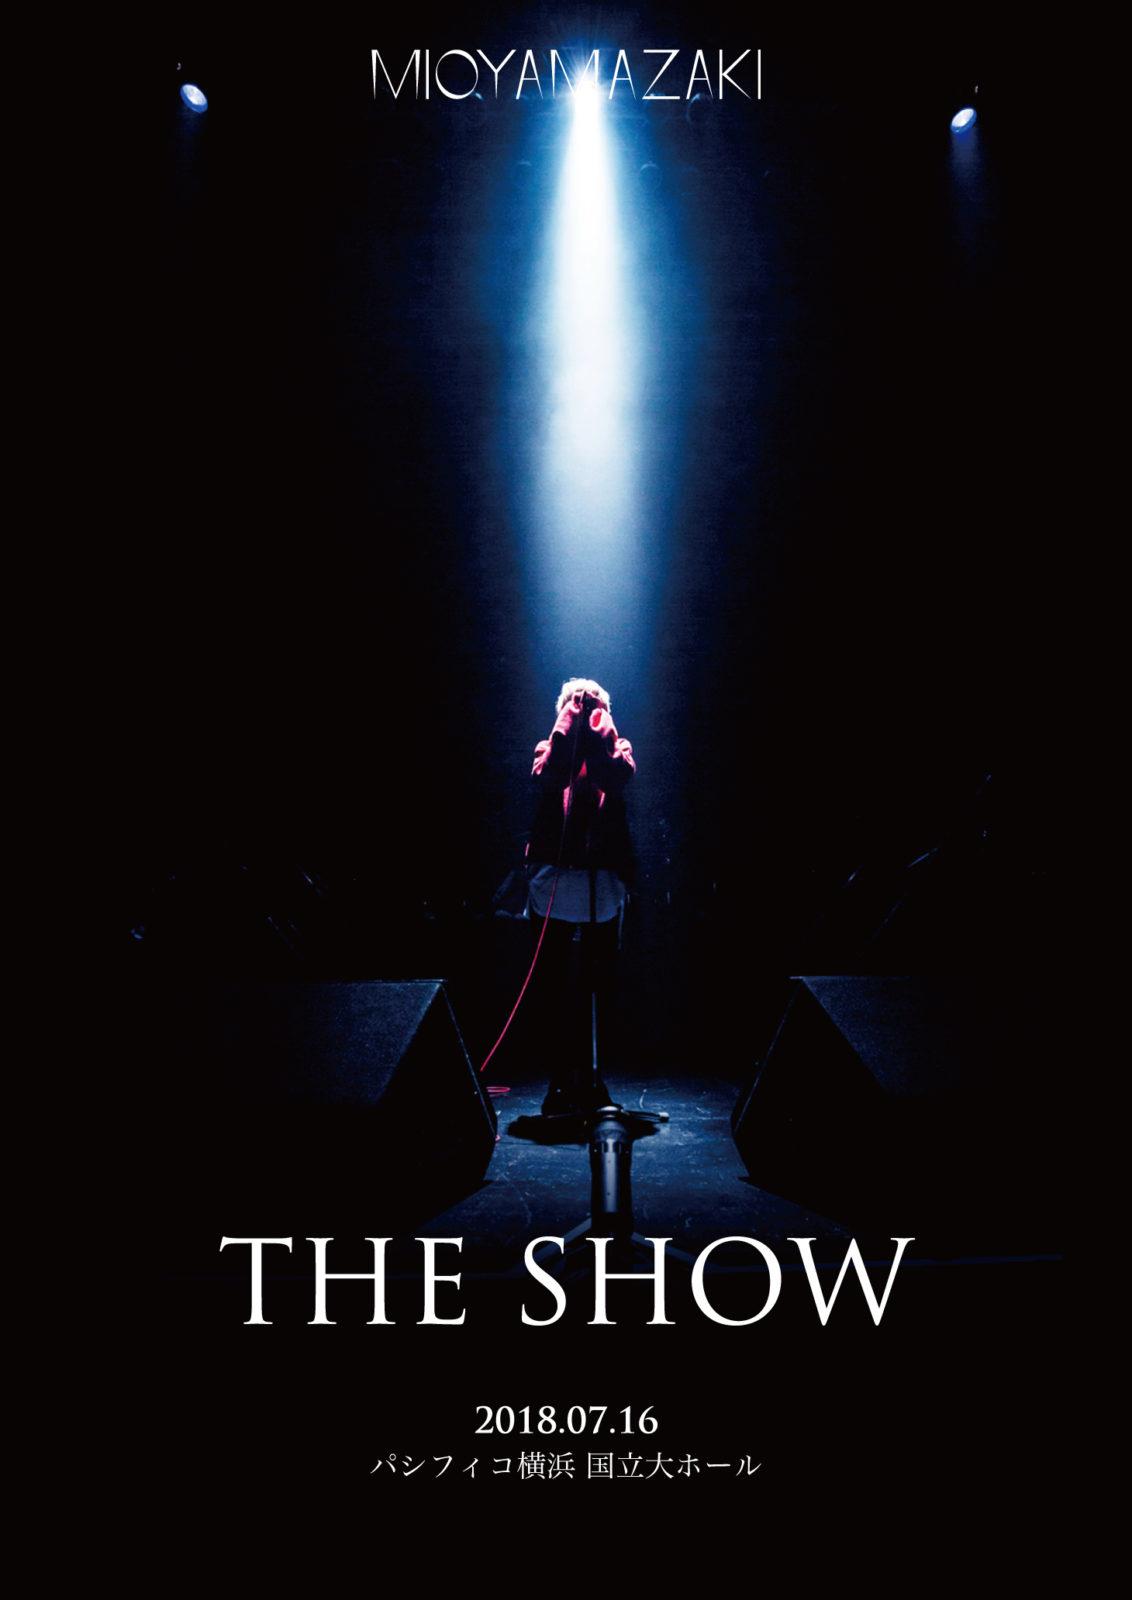 ミオヤマザキ、パシフィコ横浜にて開催のバンド史上初の単独ホールライブ「THE SHOW」で10万円のチケット販売サムネイル画像